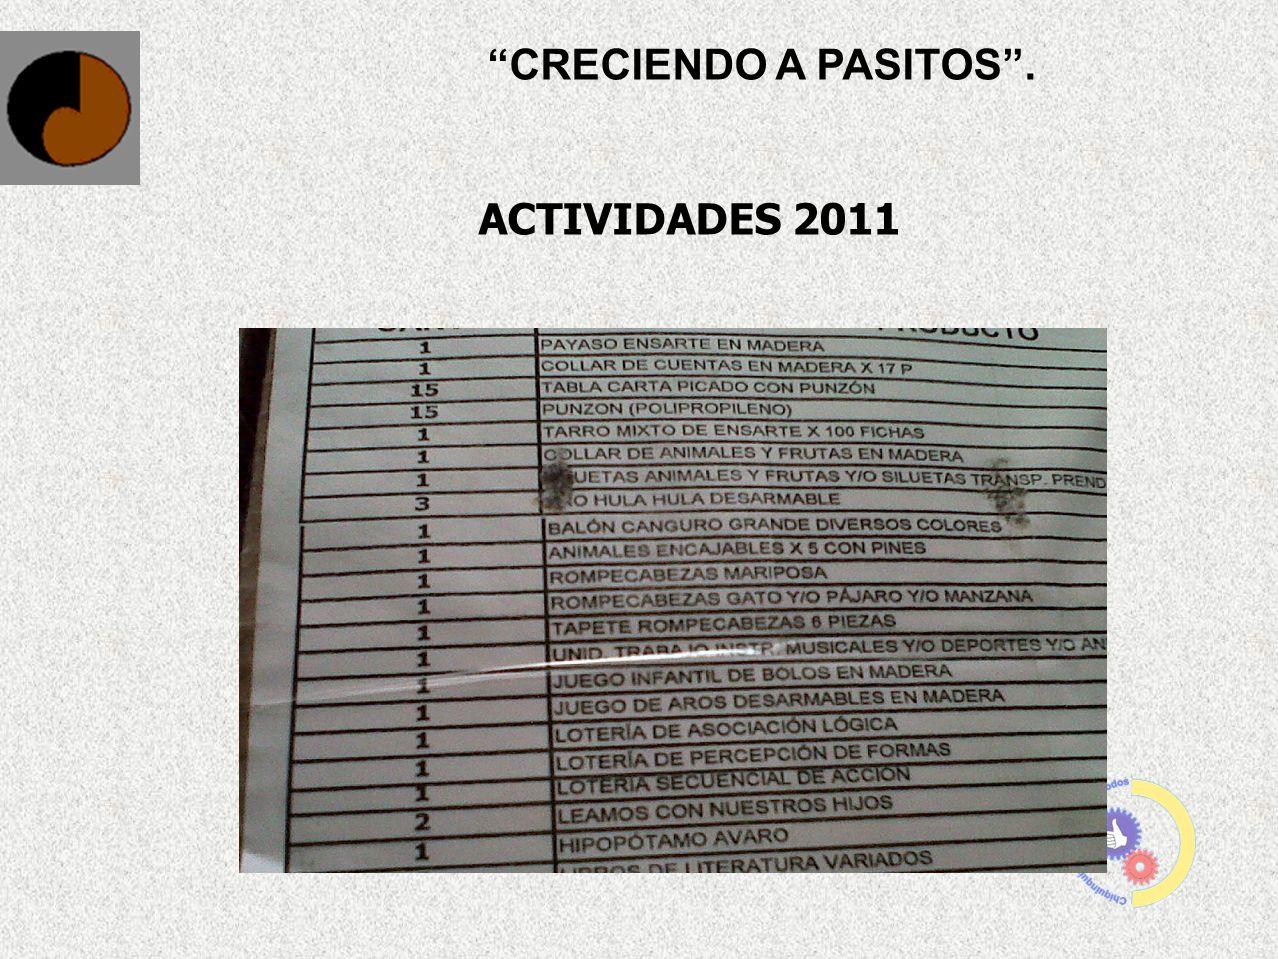 CRECIENDO A PASITOS. ACTIVIDADES 2011